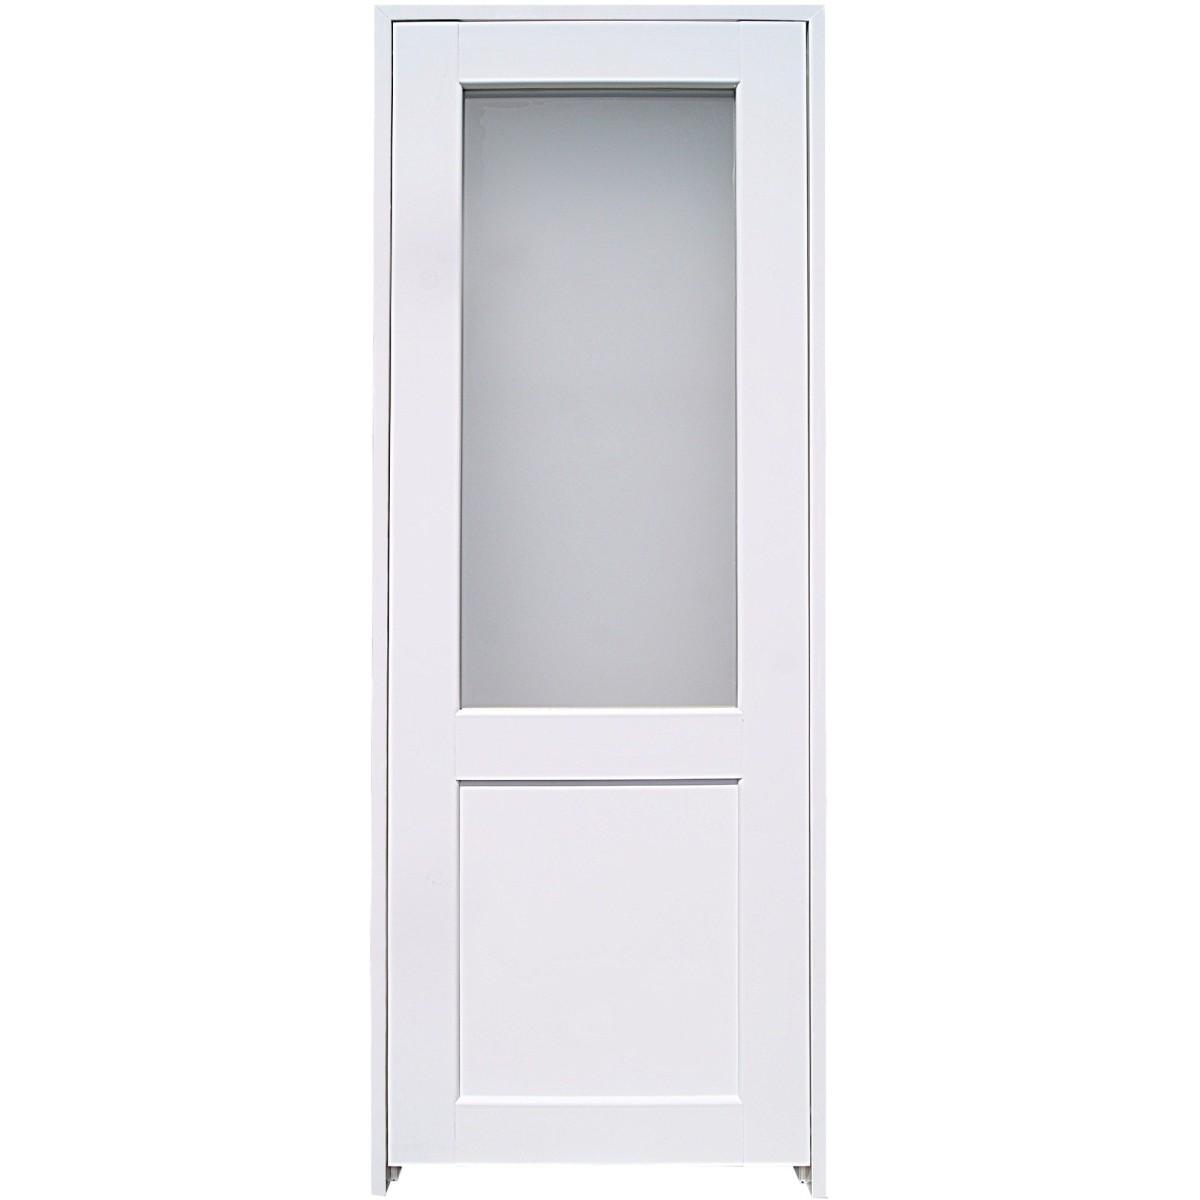 Блок дверной остеклённый с замком и петлями в комплекте Акваплюс 60x200 см ПВХ